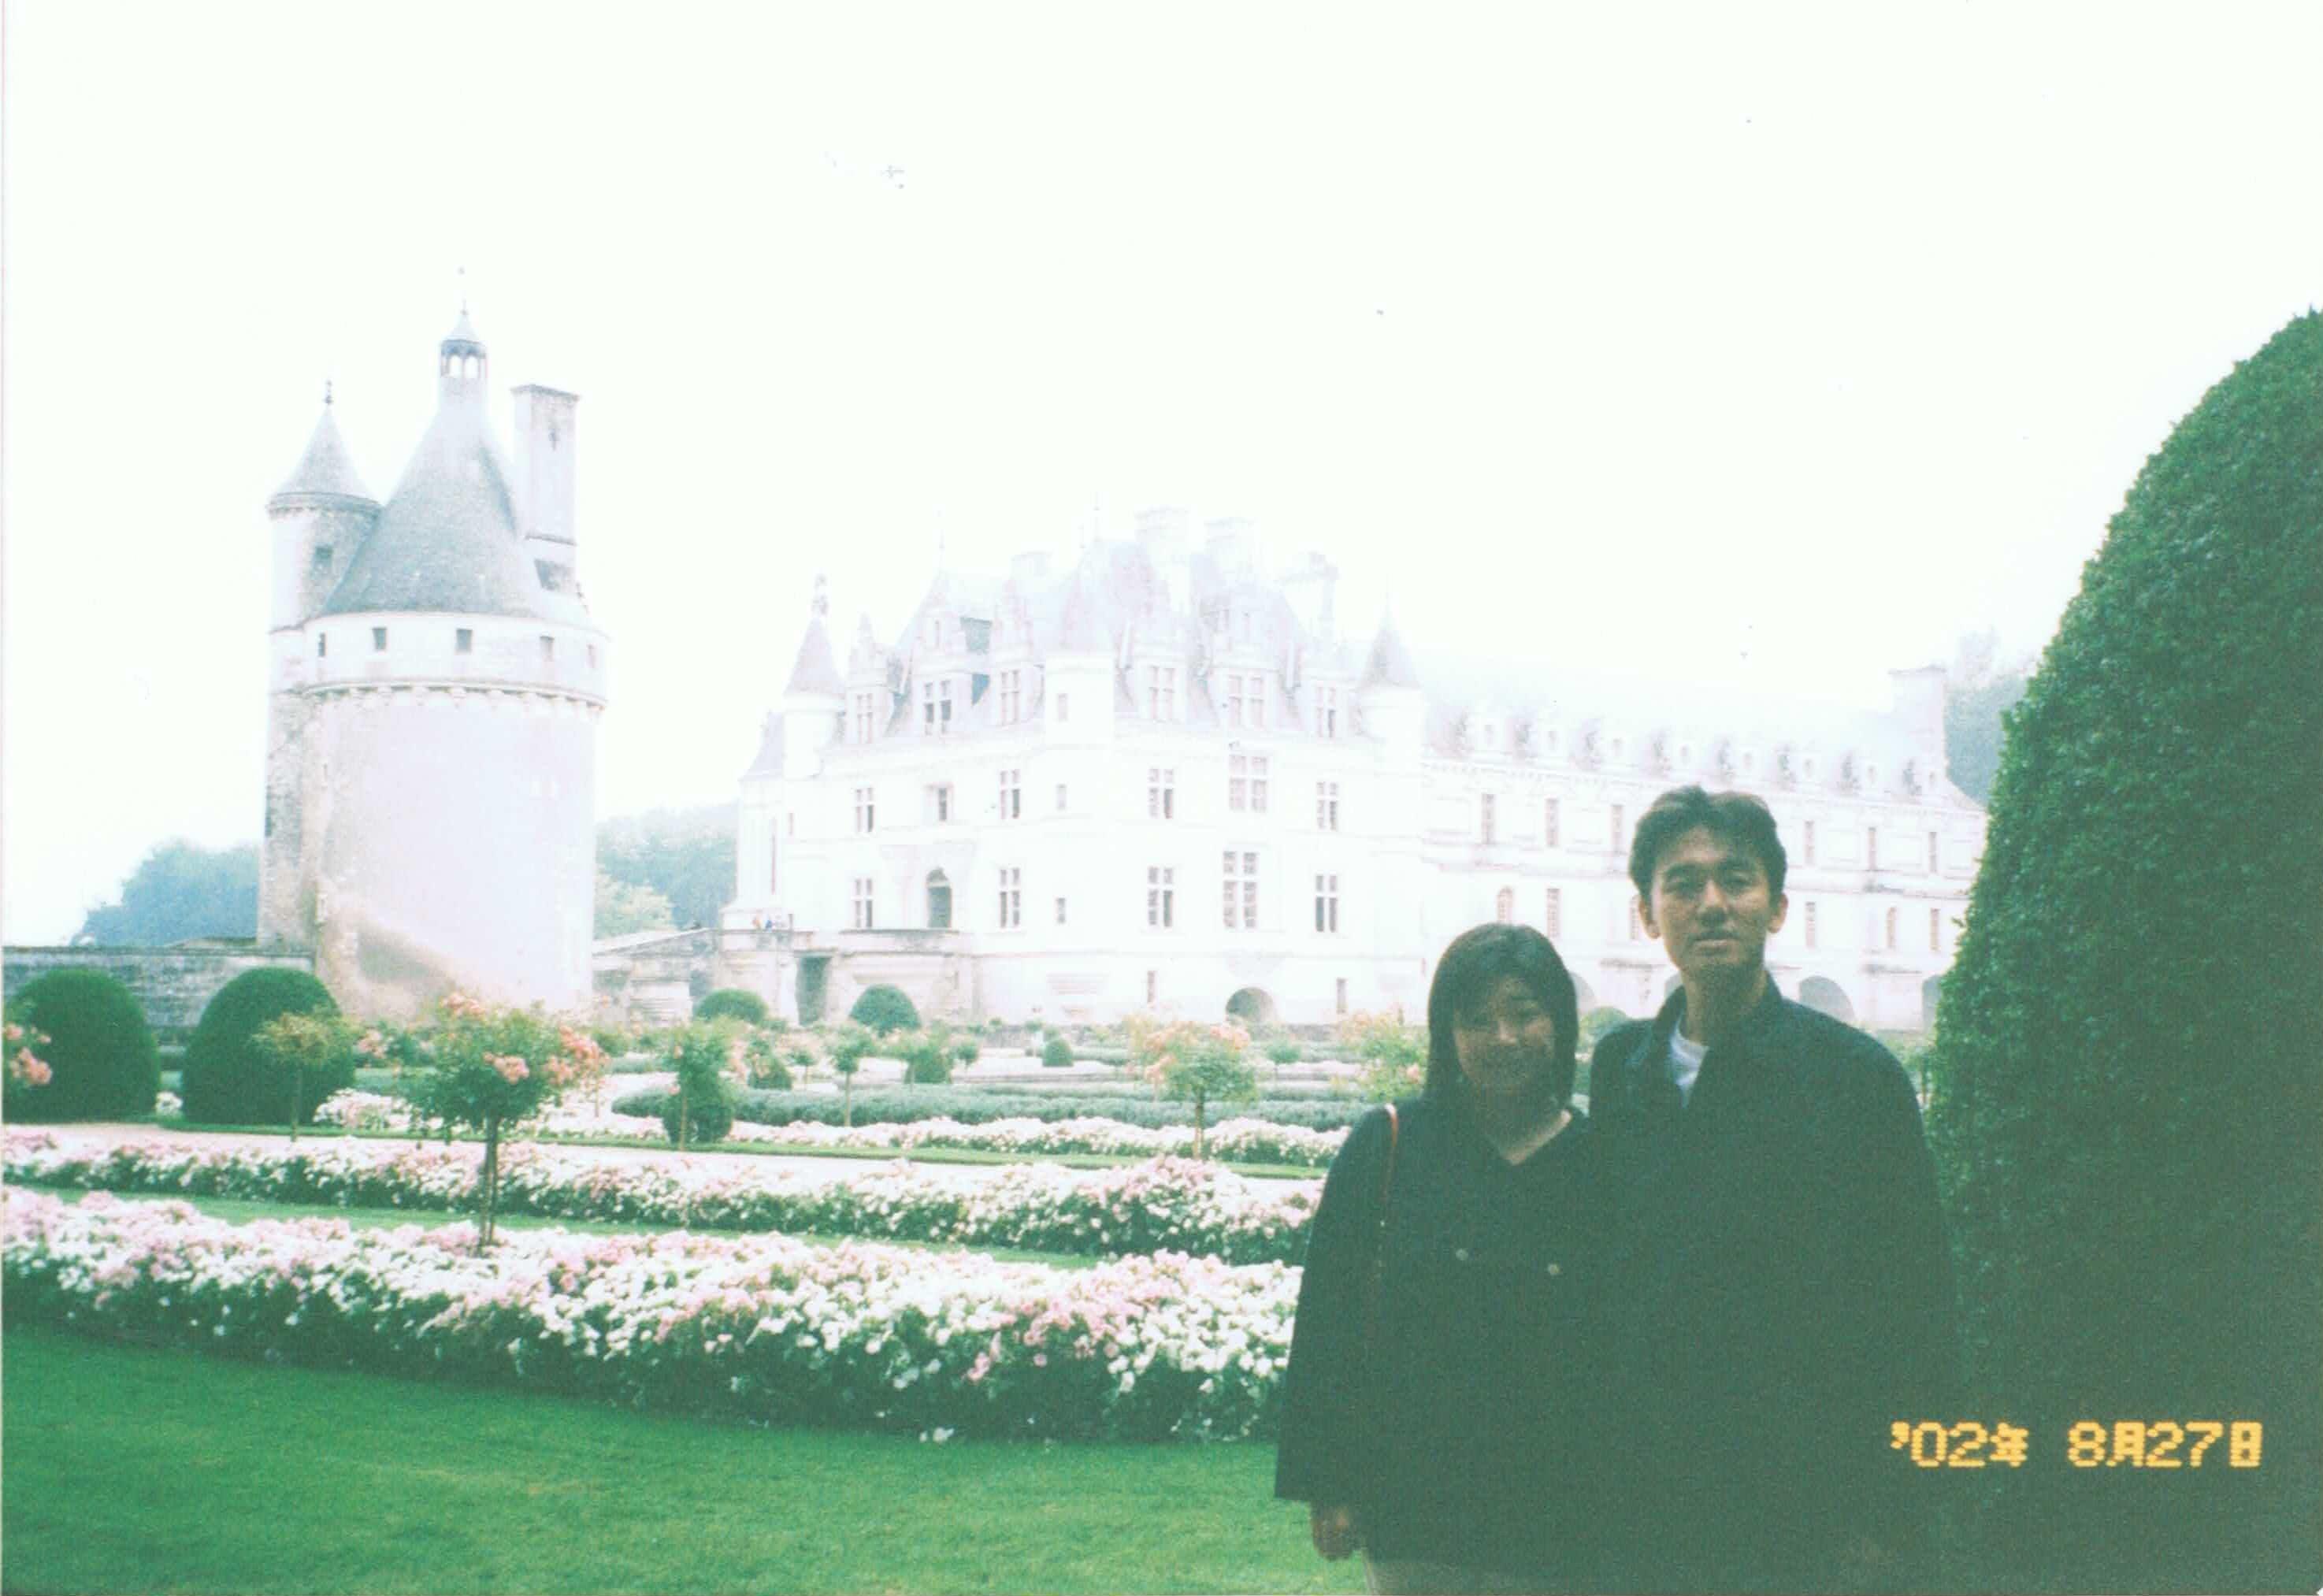 シュノンソー城の画像 p1_23